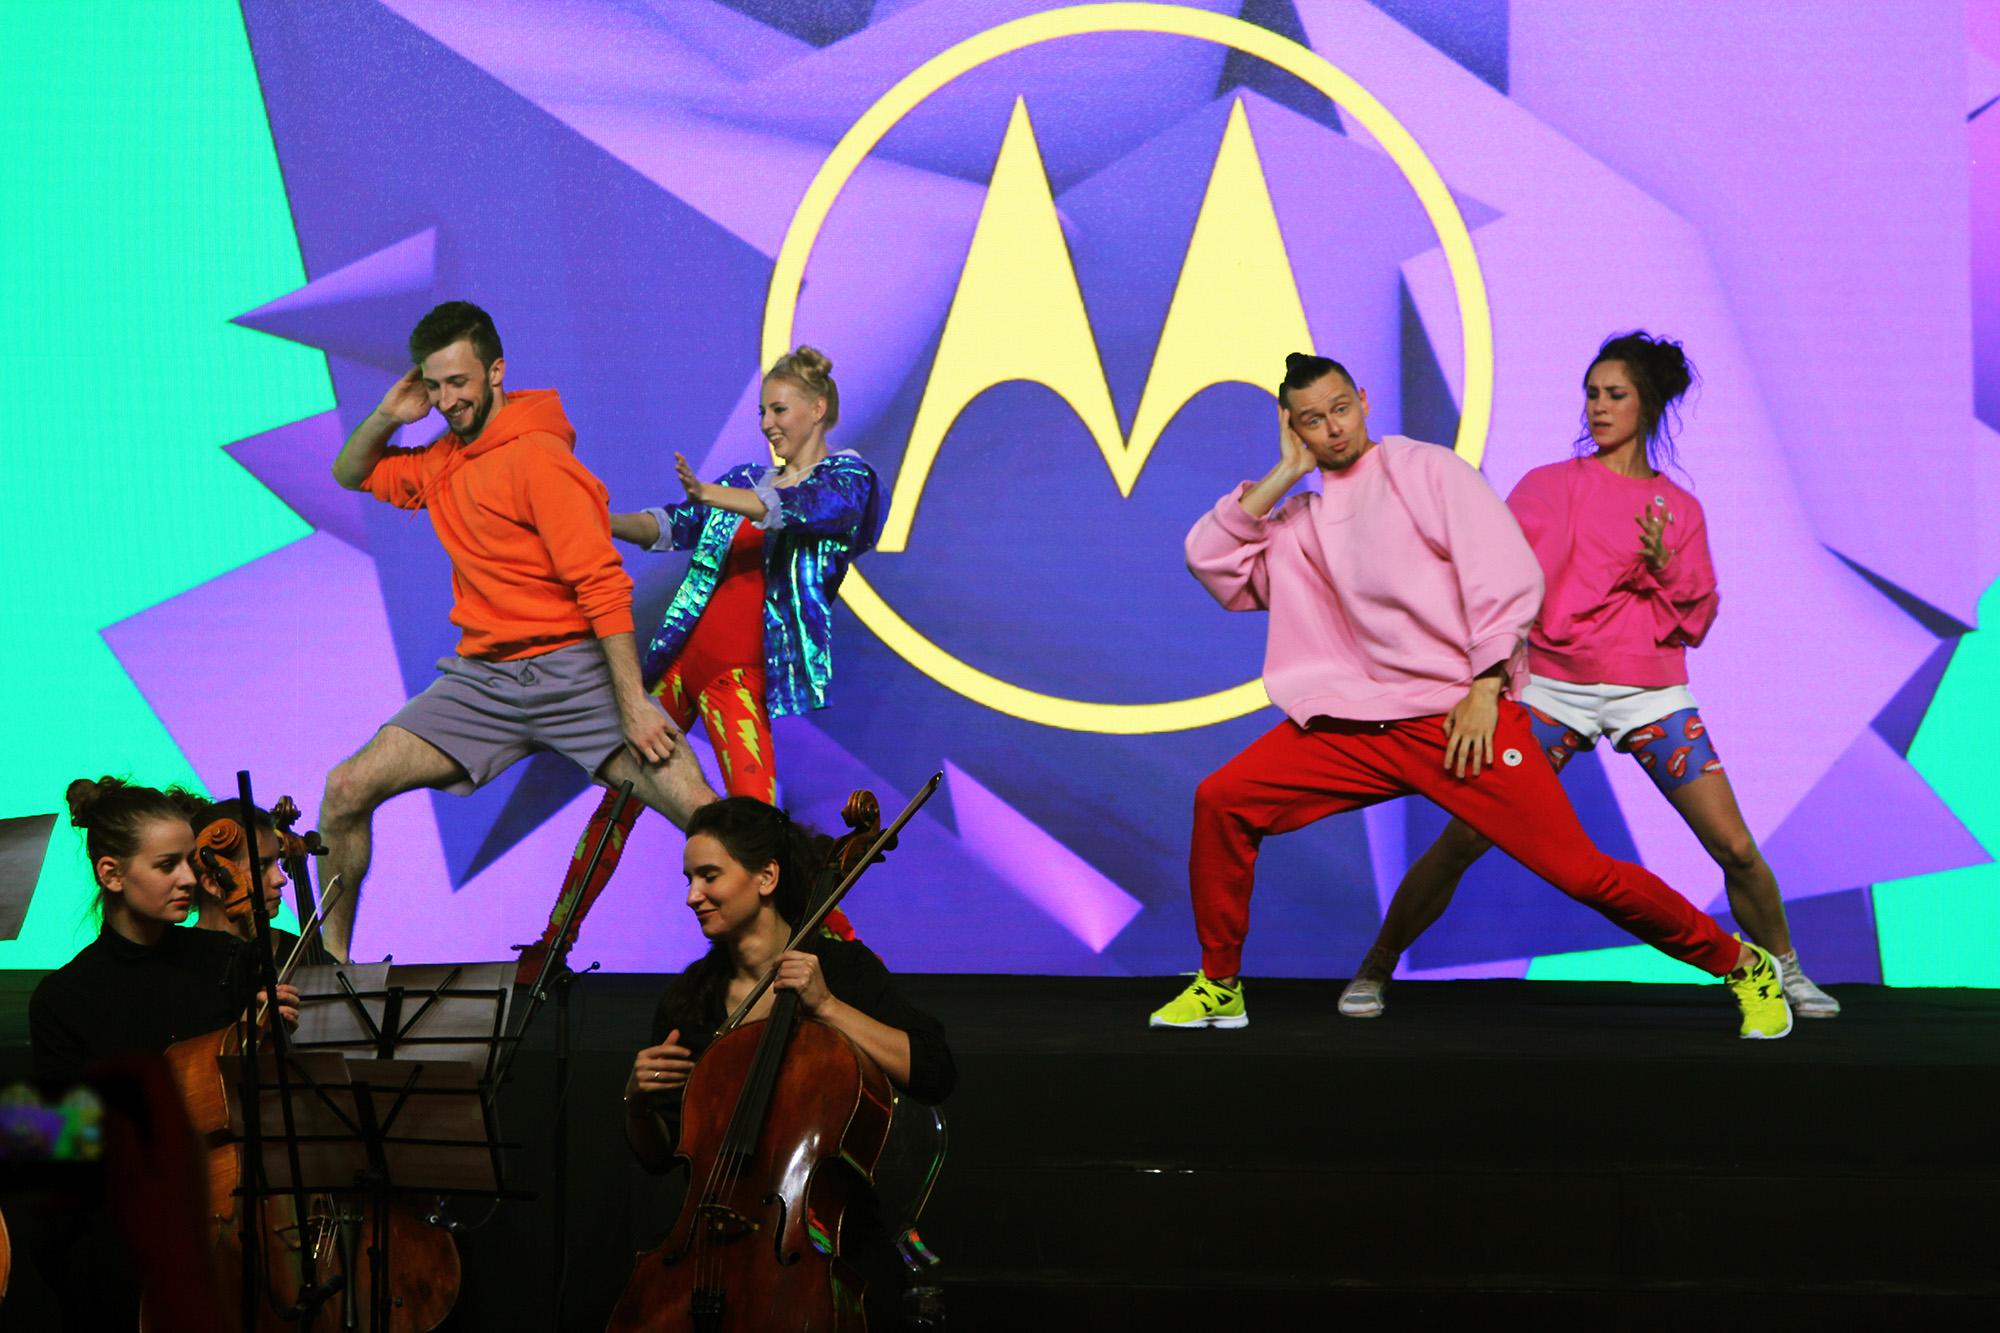 Новая утечка фотографий Motorola Moto X4 в цвете Sterling Blue